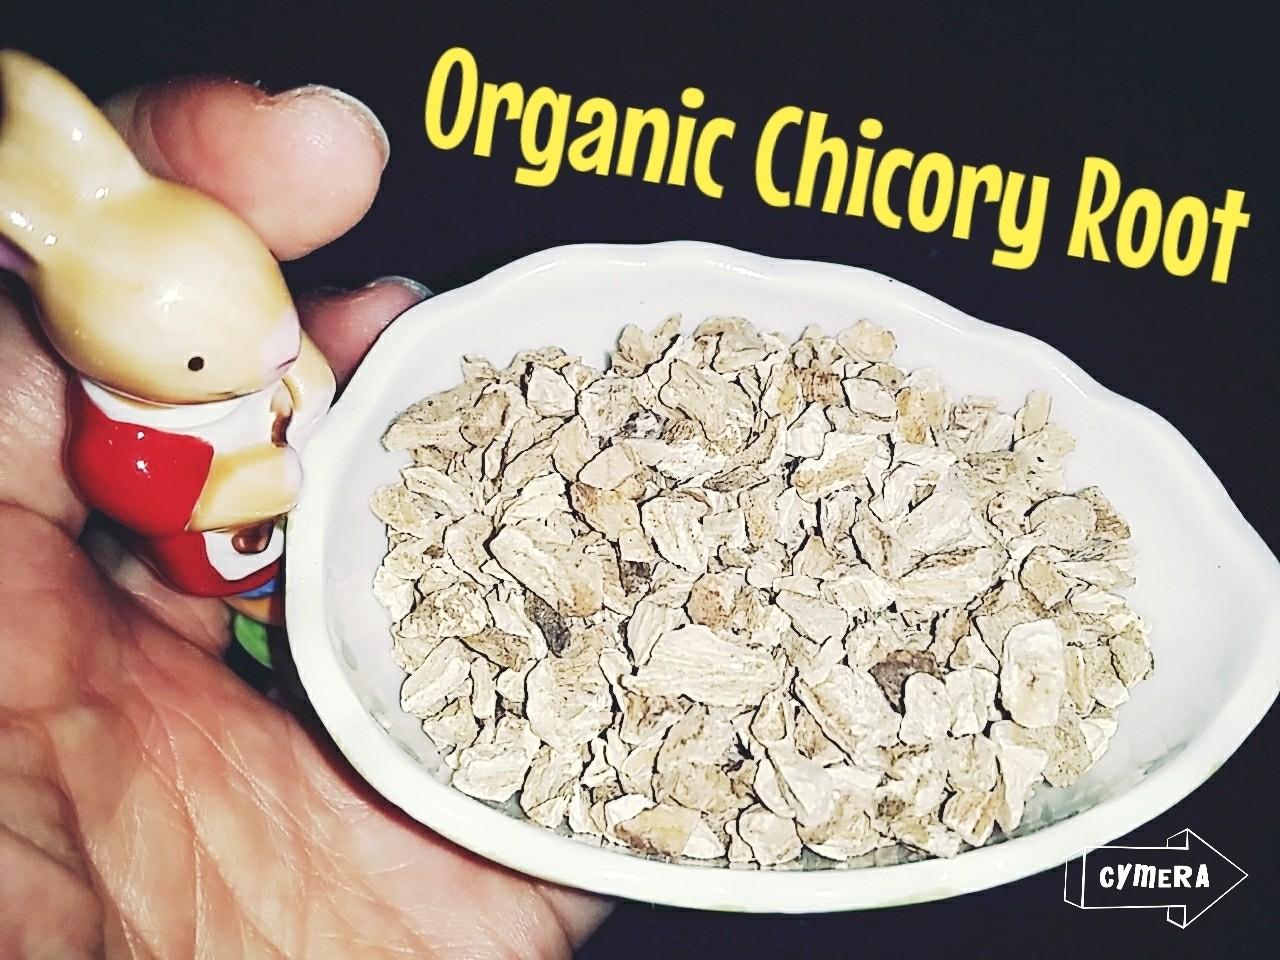 Organic Raw Chicory Root 75g